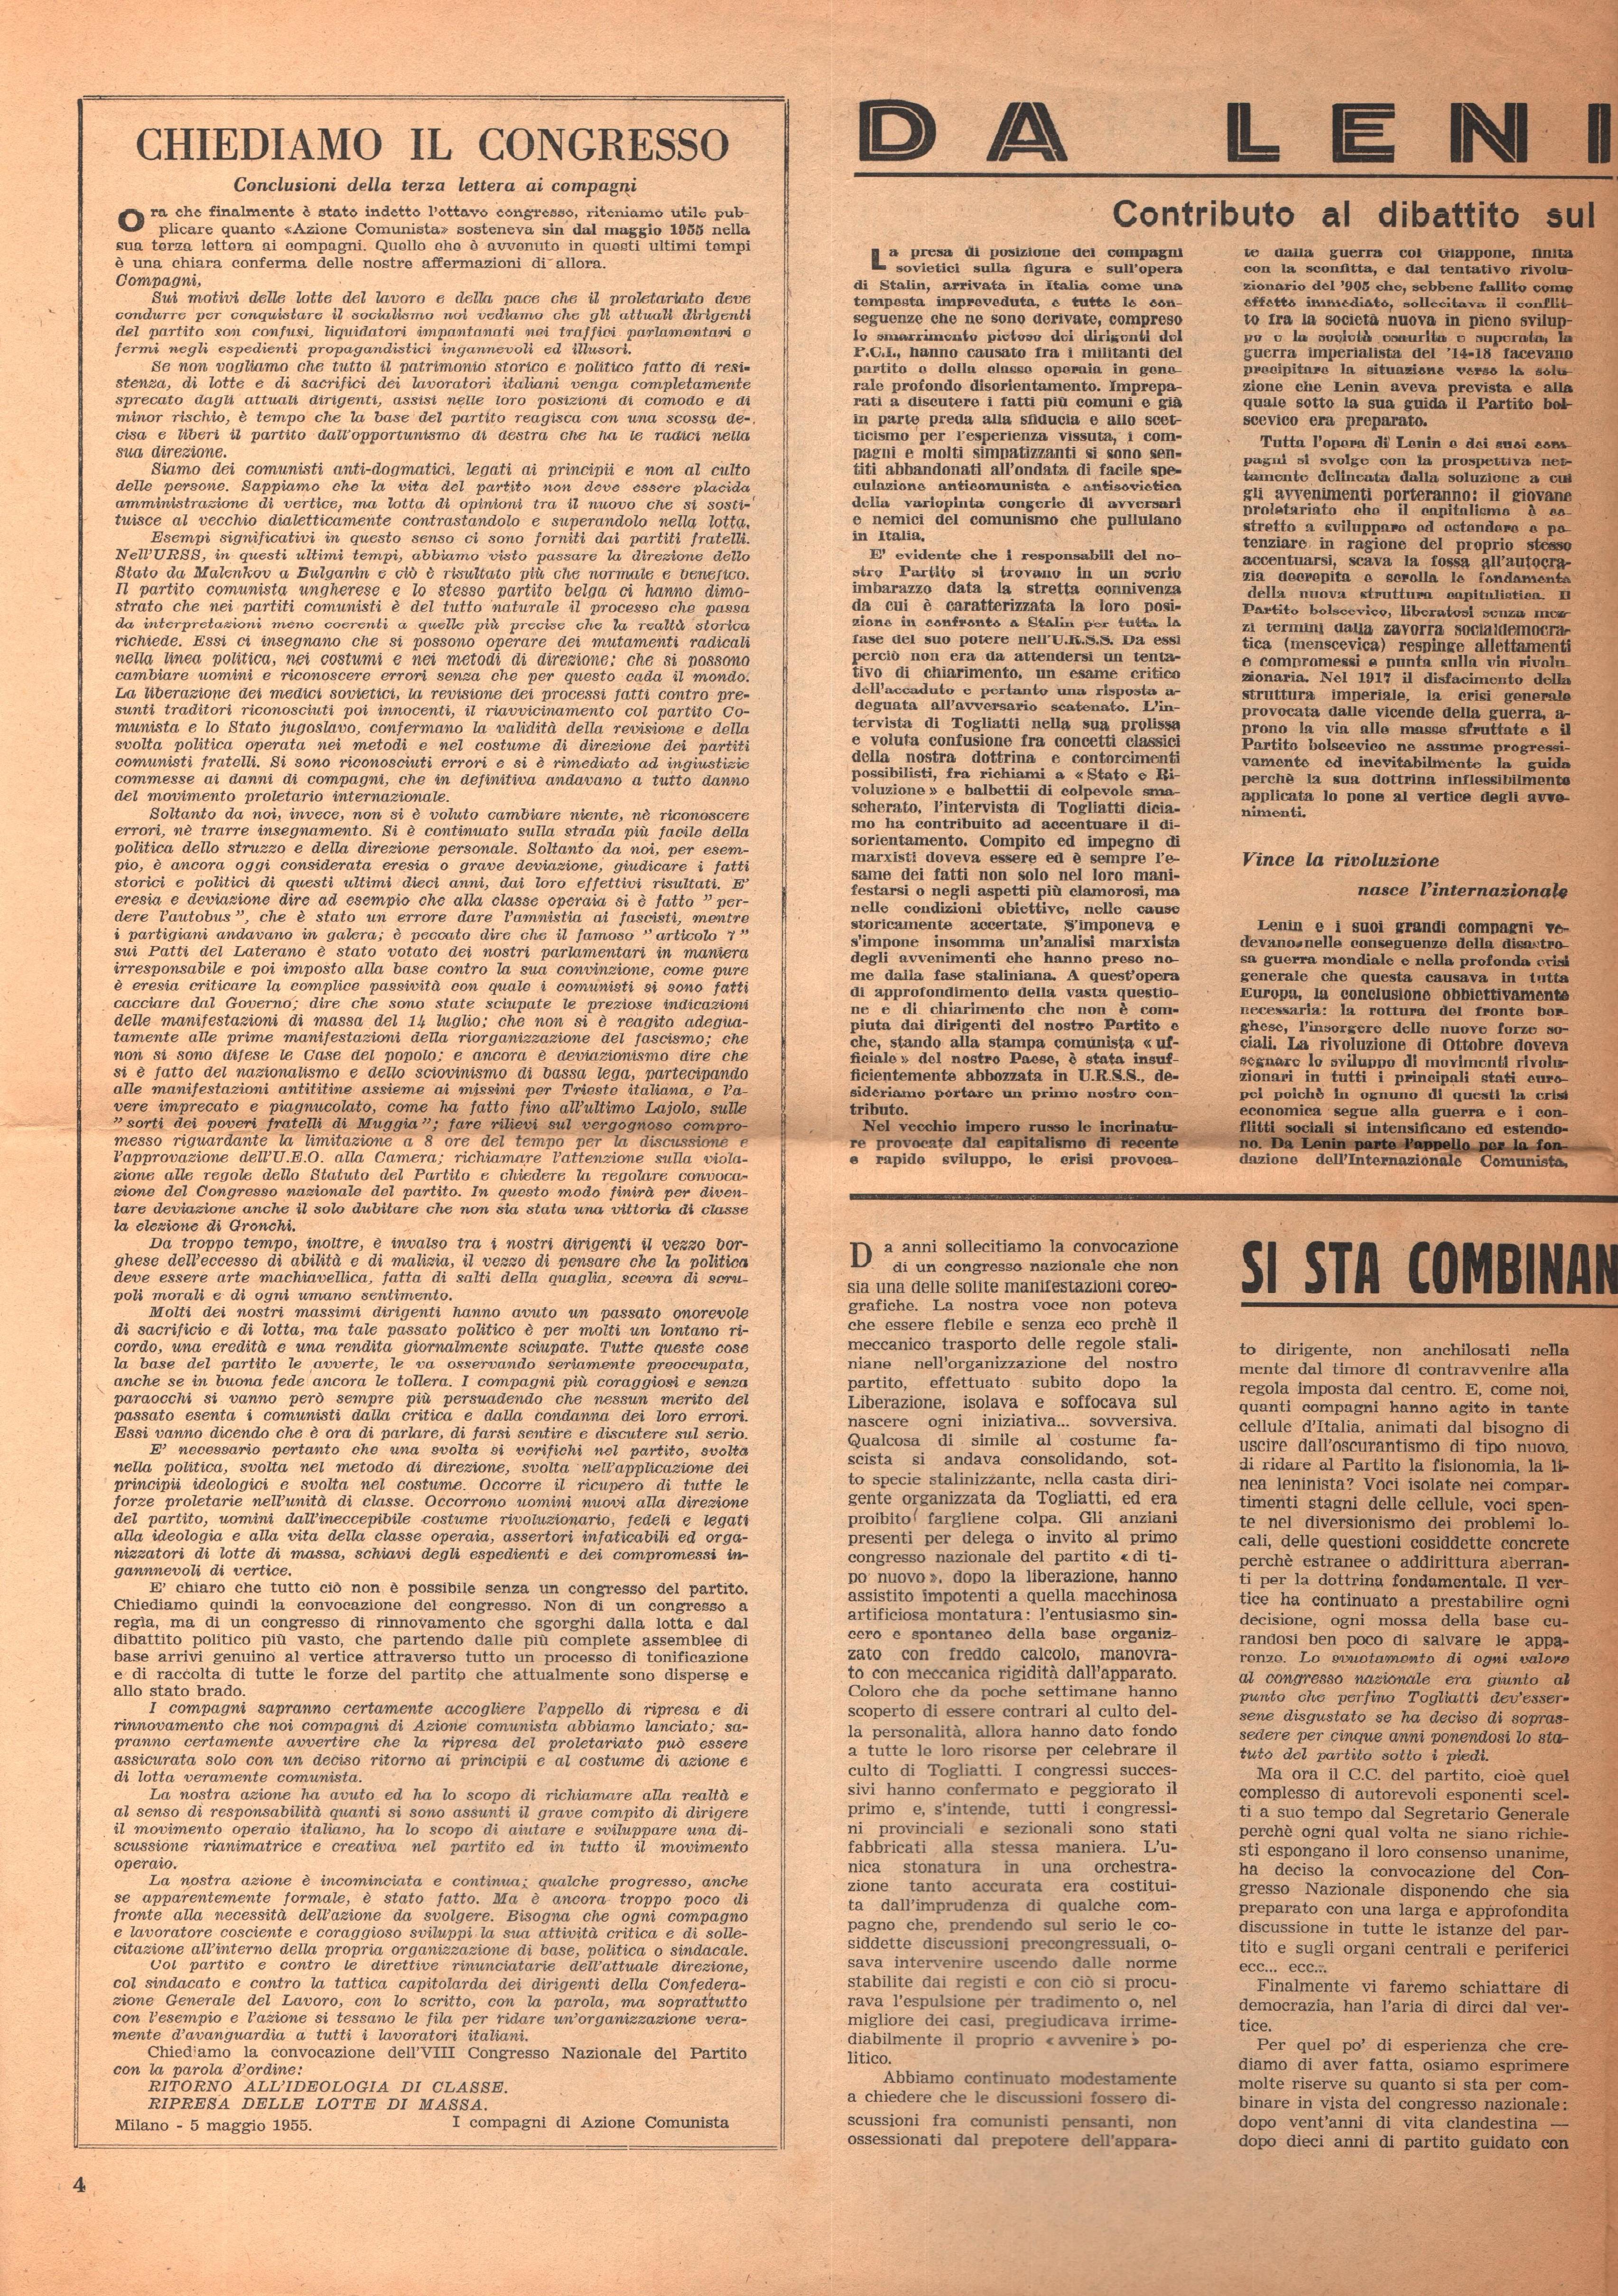 Per una Azione Comunista n. 2 - pag. 4